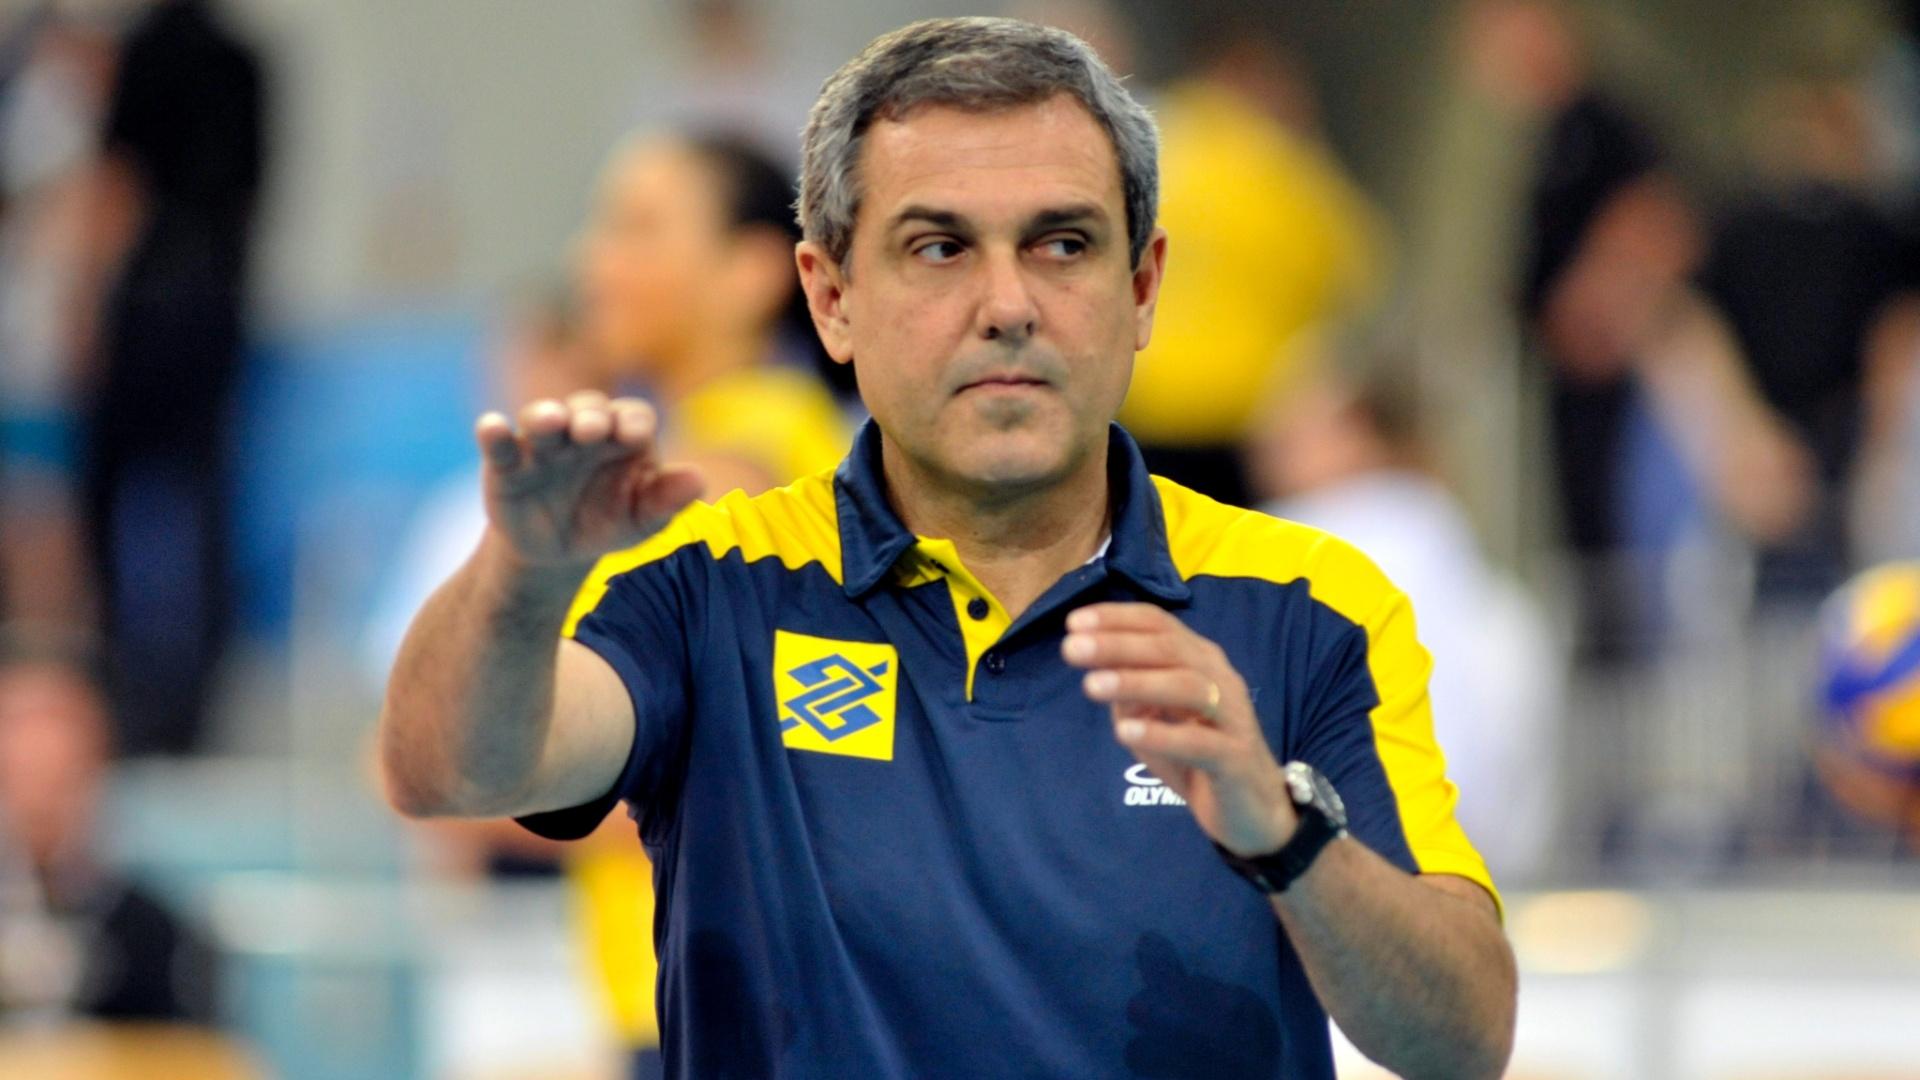 Técnico José Roberto Guimarães dá instruções para as brasileiras em jogo na Polônia